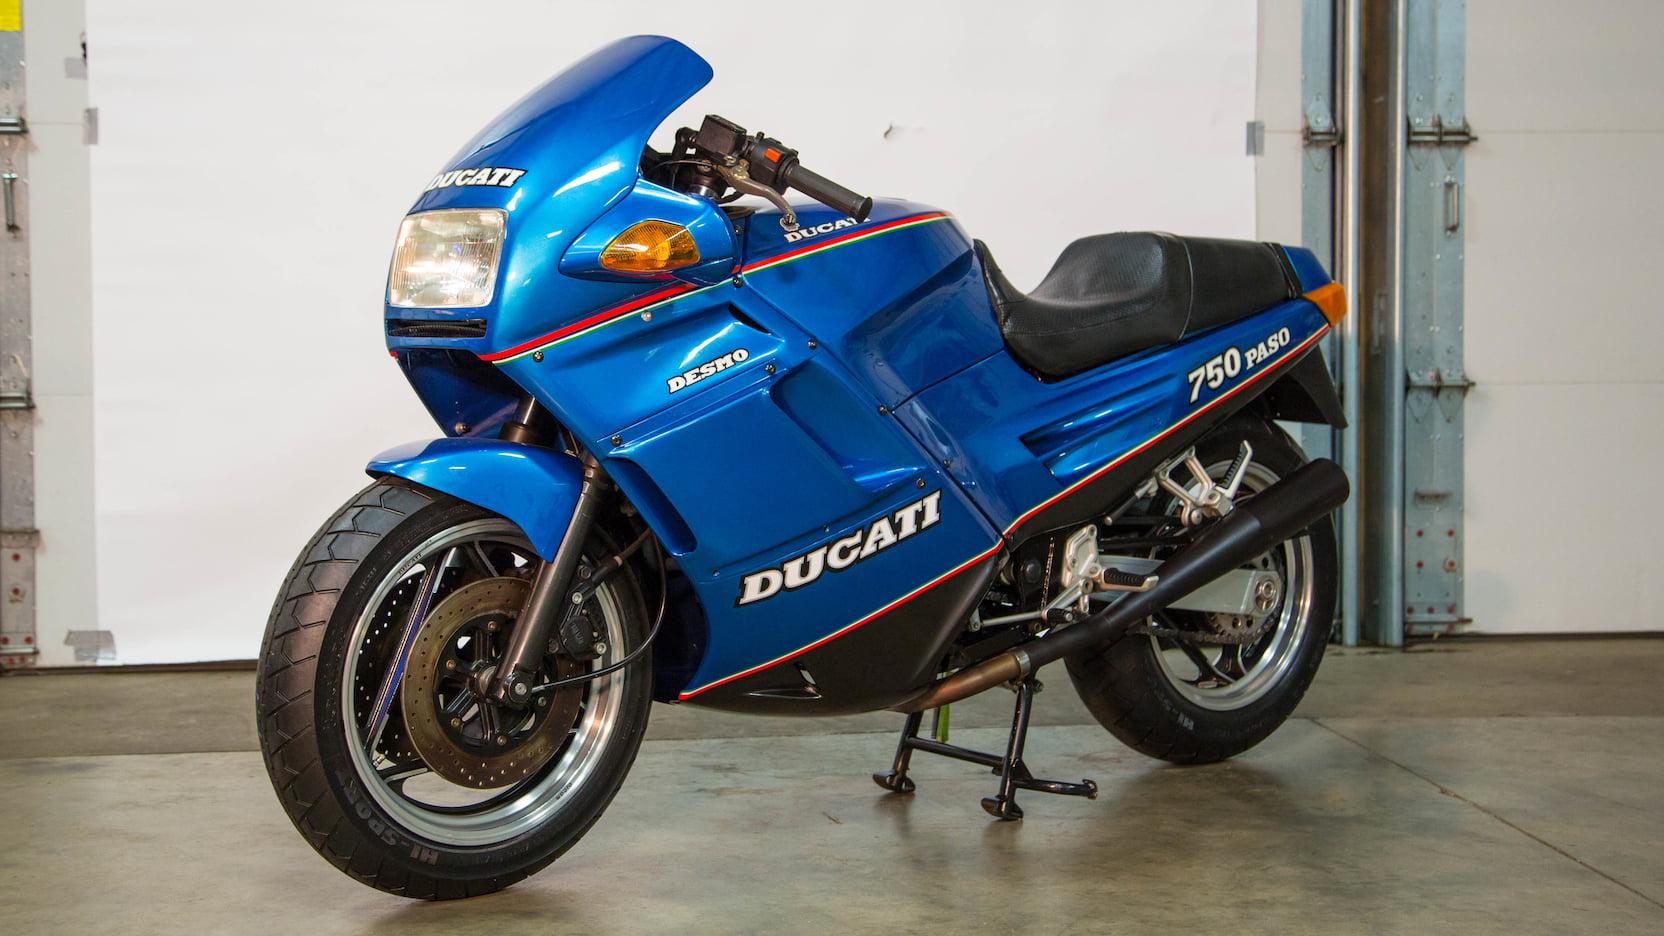 1988 Ducati Paso 750 blue 3/4 view